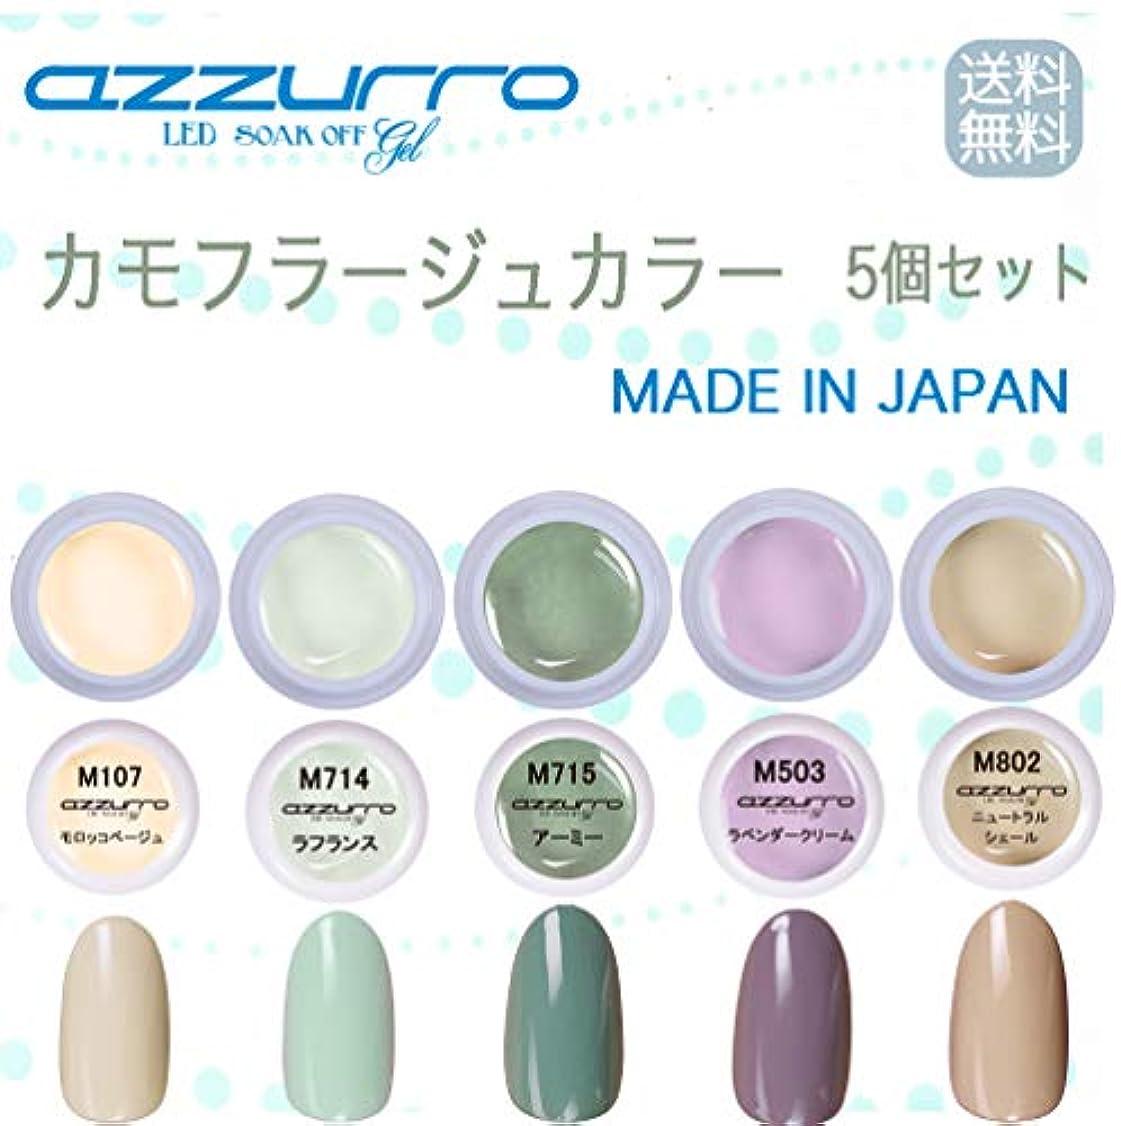 フリッパー語気づく【送料無料】日本製 azzurro gel カモフラージュカラージェル5個セット 春にピッタリでクールなトレンドカラーのカモフラージュカラー